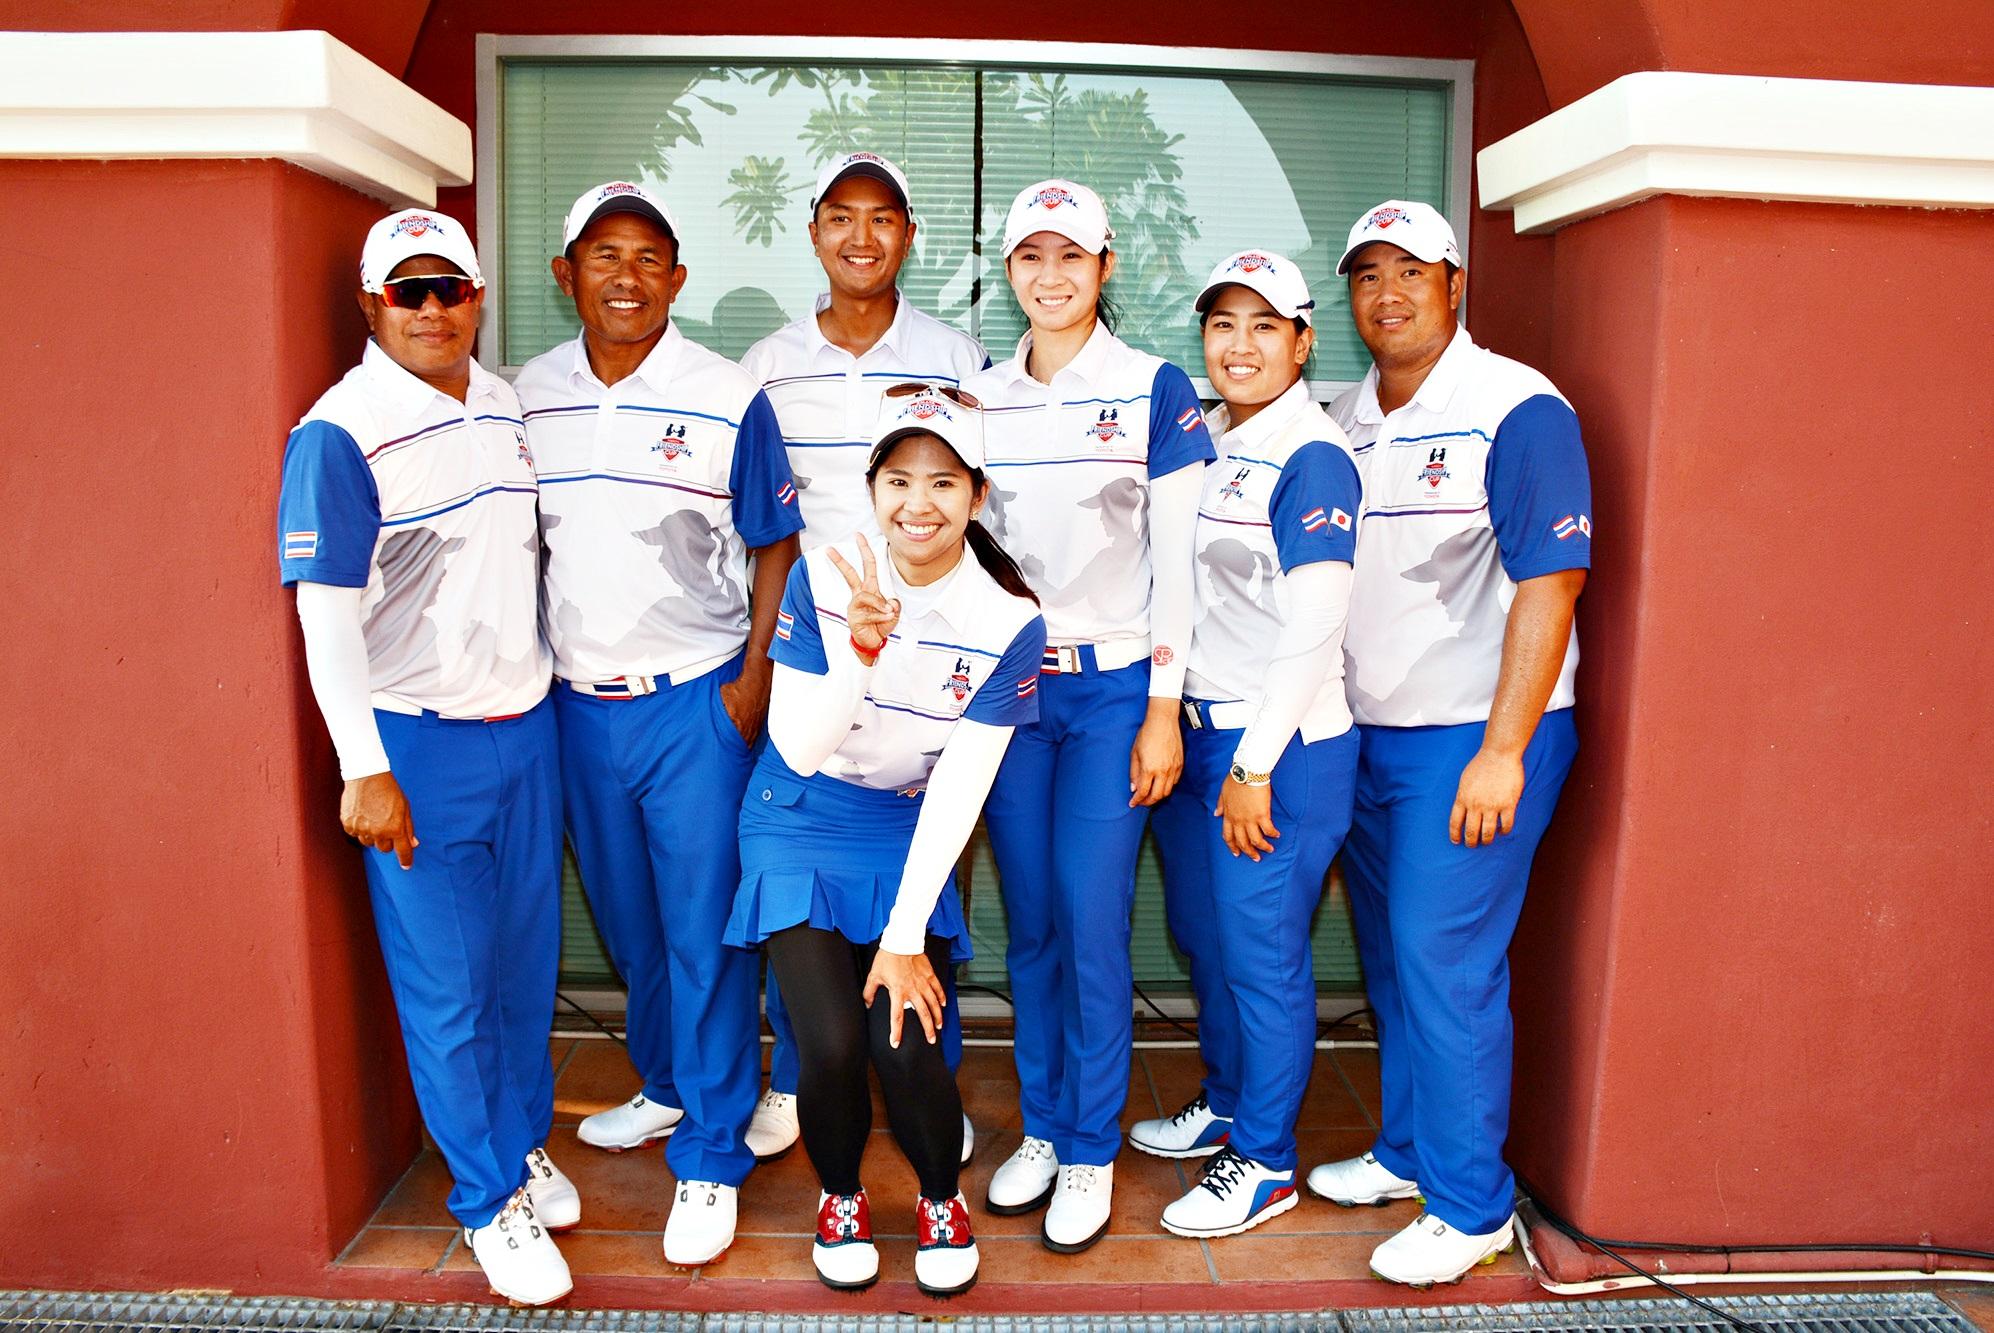 golfdigg_golfdiggtoday_Amata_Friendship_Cup_2018_03